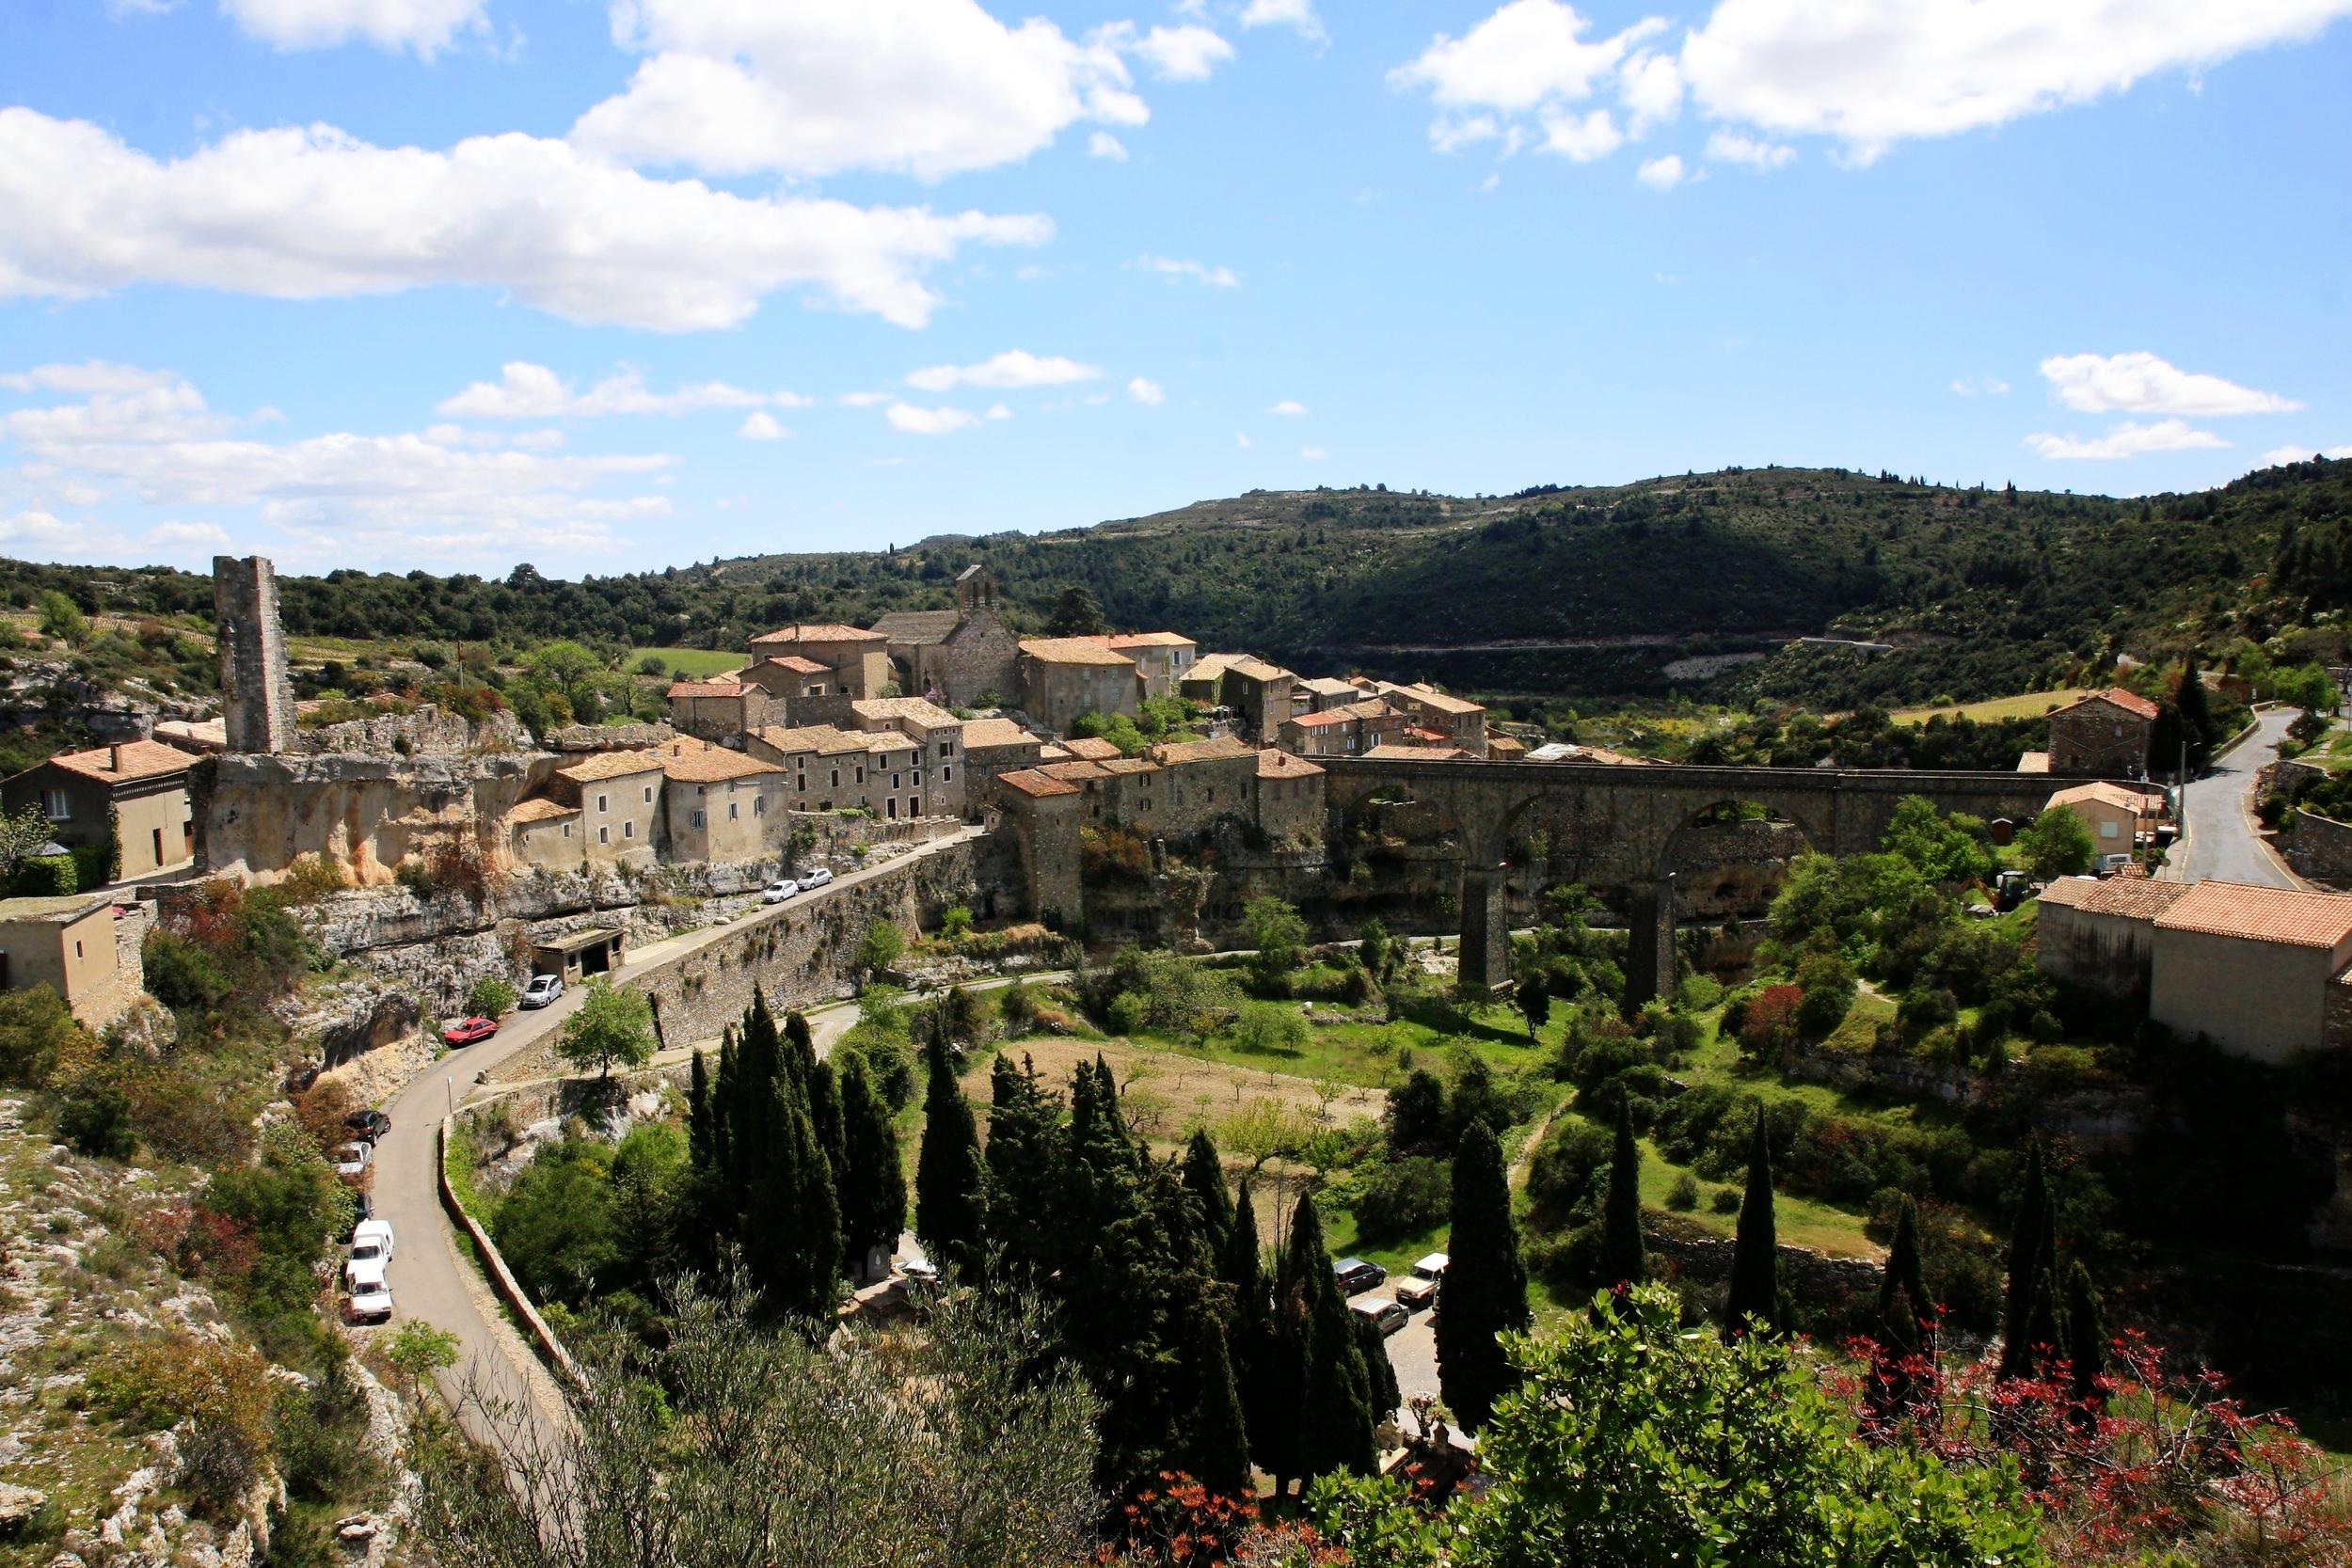 2015-06-02-1433275232-8542173-LanguedocFrance.jpg